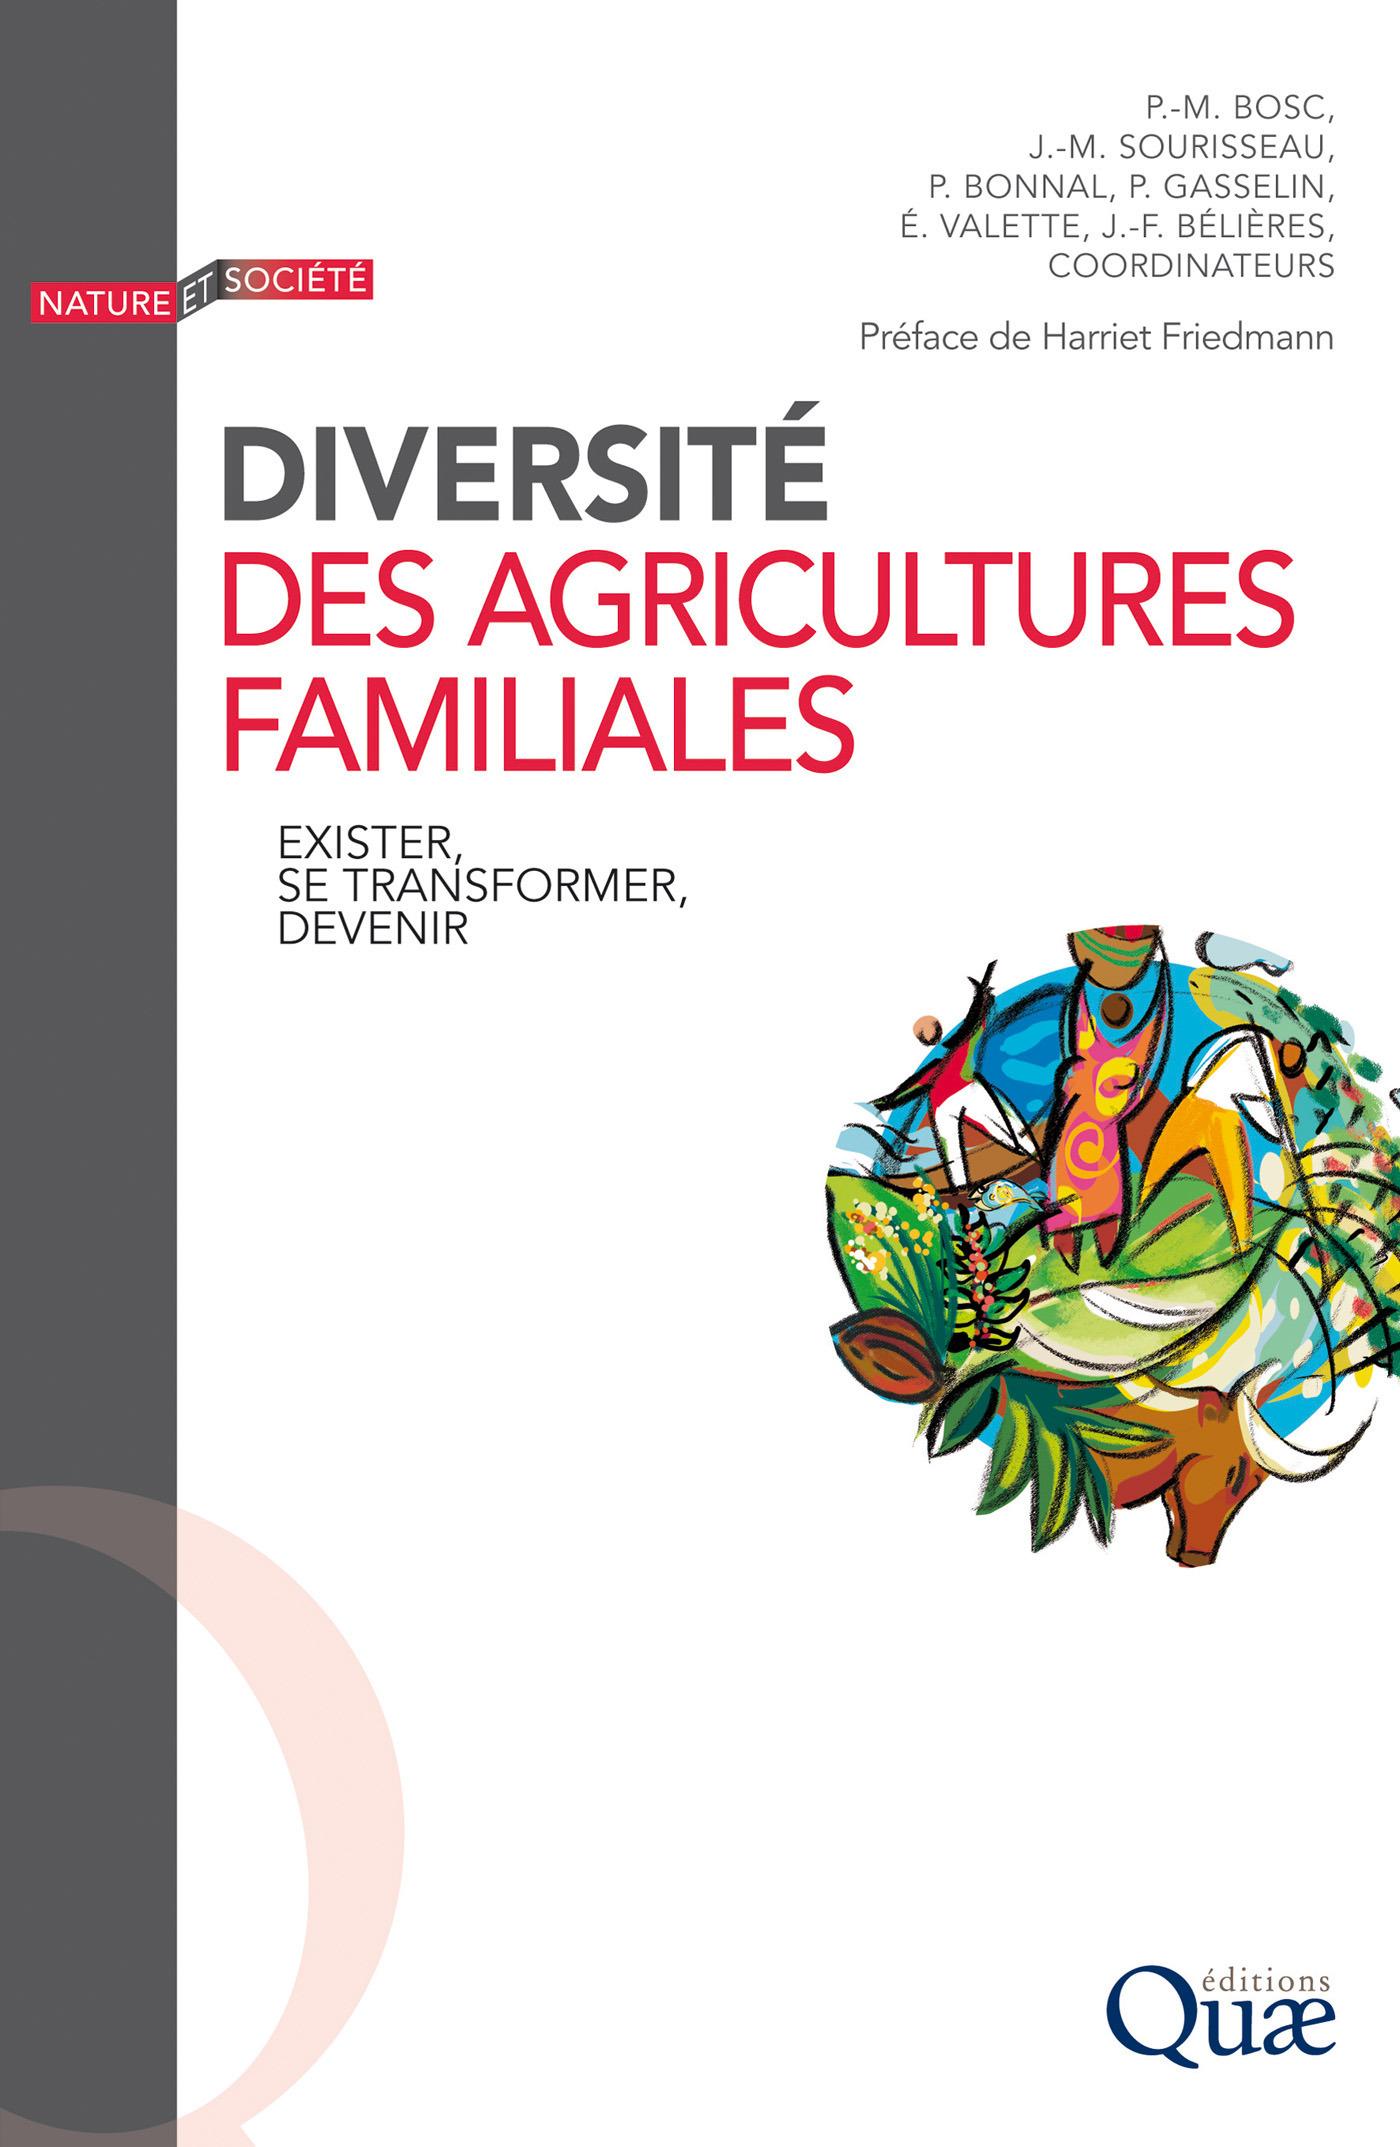 Diversité des agricultures familiales ; exister, se transformer, devenir